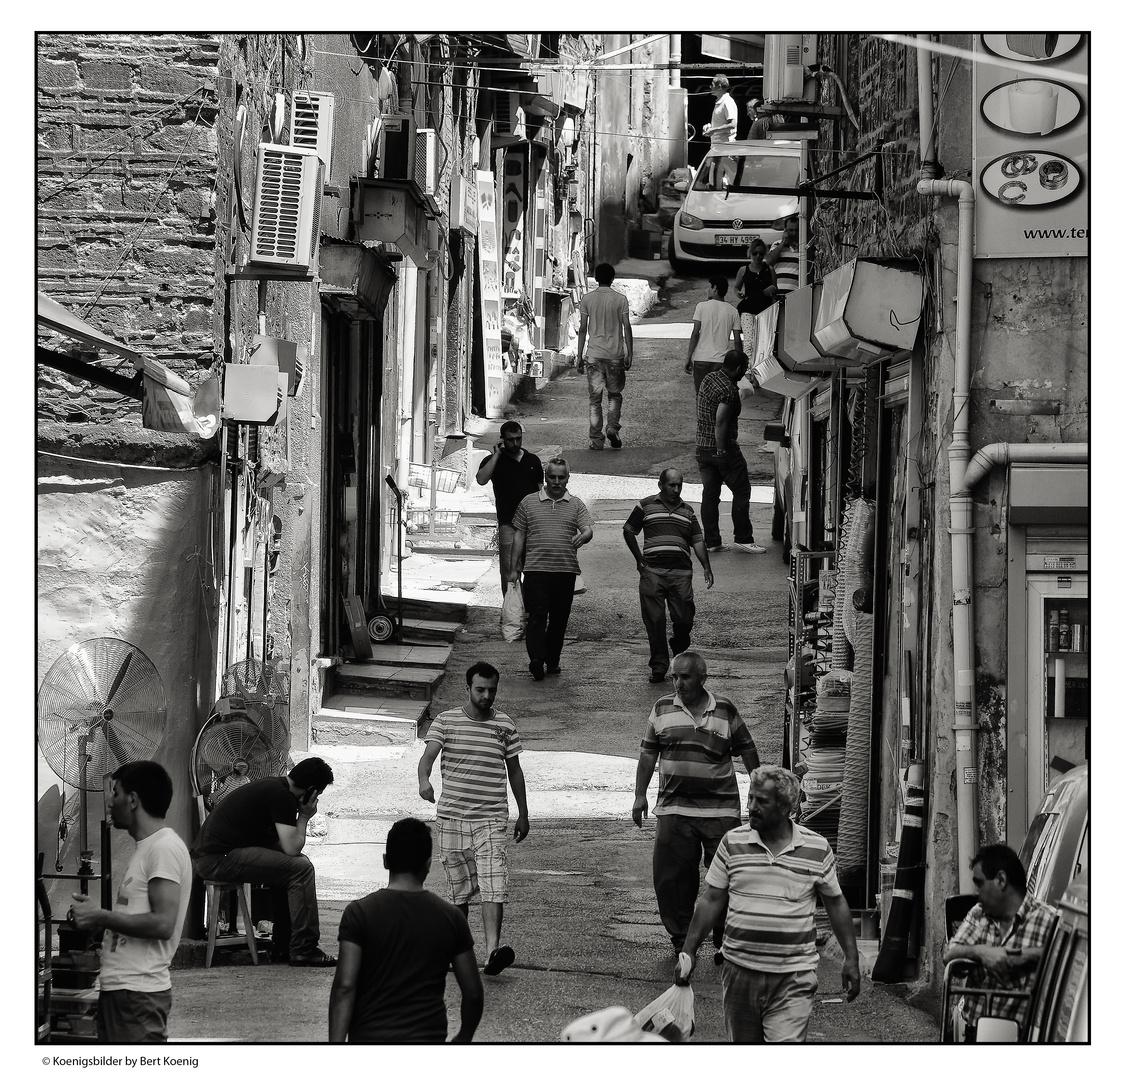 Leben in Istanbul (57)